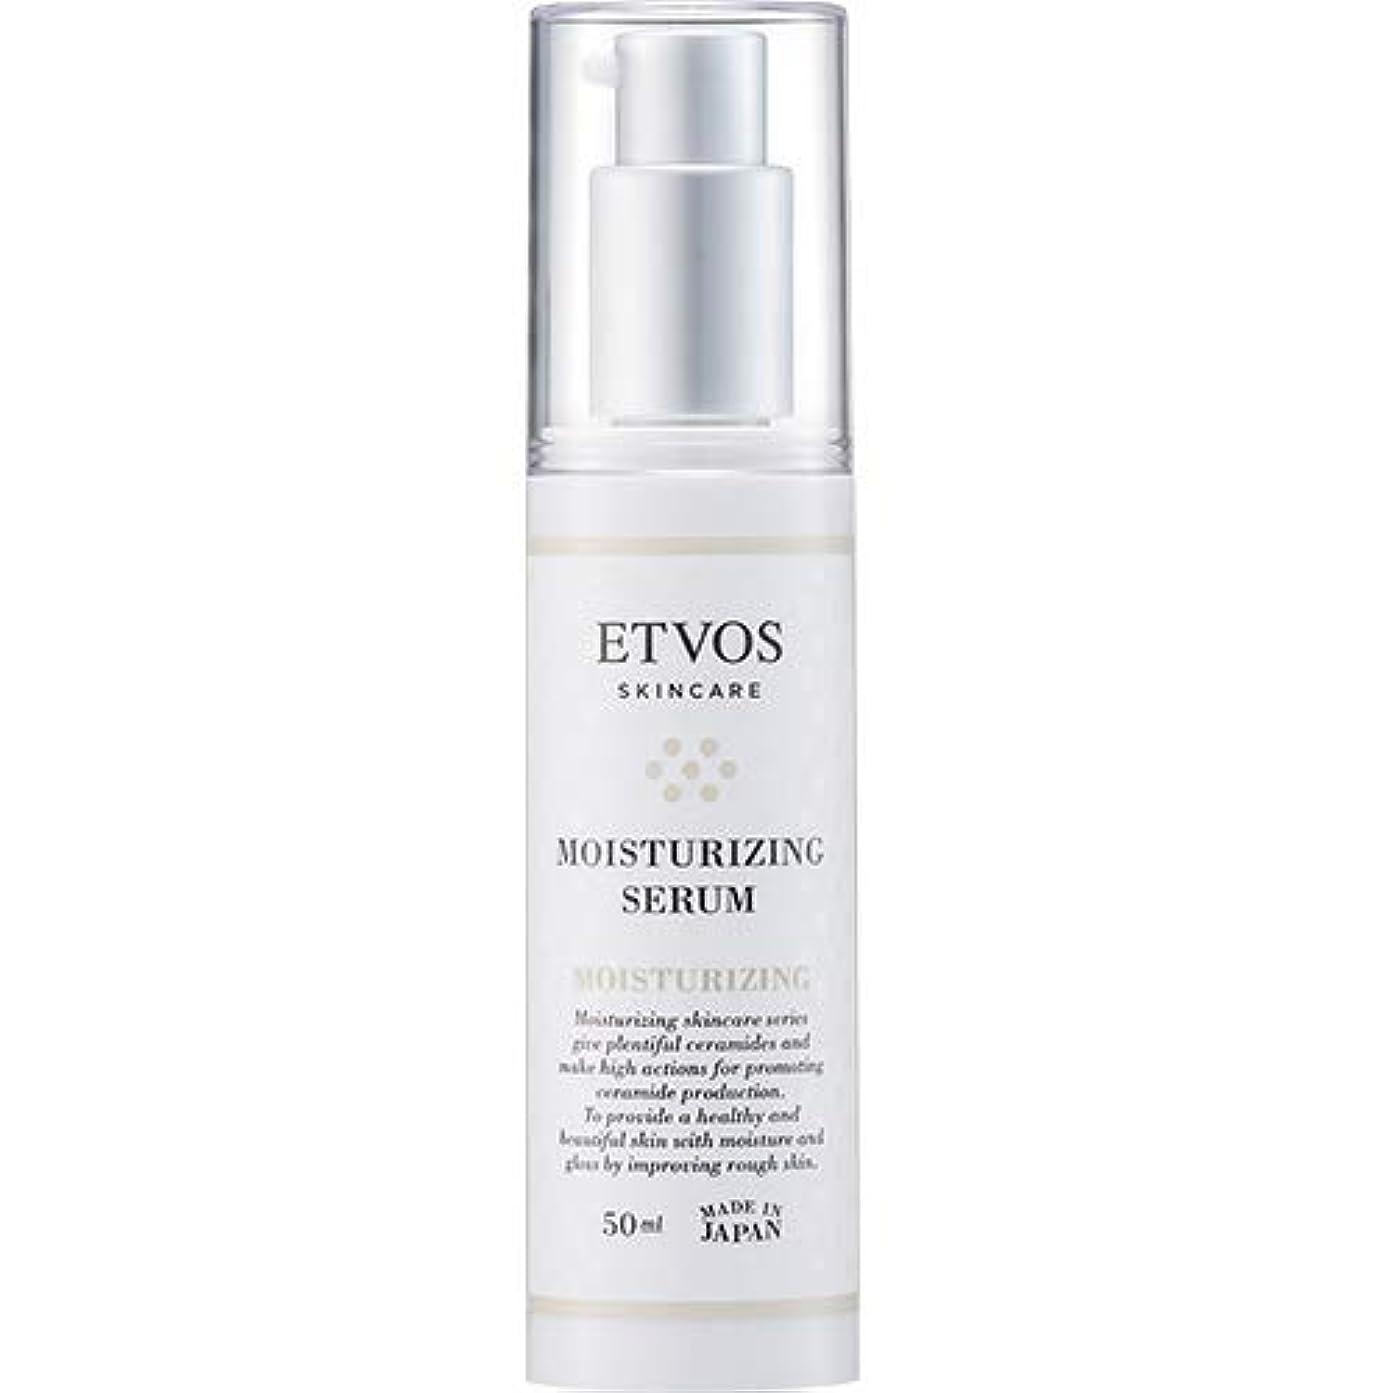 それに応じて皮肉な寸前ETVOS(エトヴォス) 保湿美容液 モイスチャライジングセラム 50ml ヒト型セラミド配合 乾燥肌/敏感肌 乳液